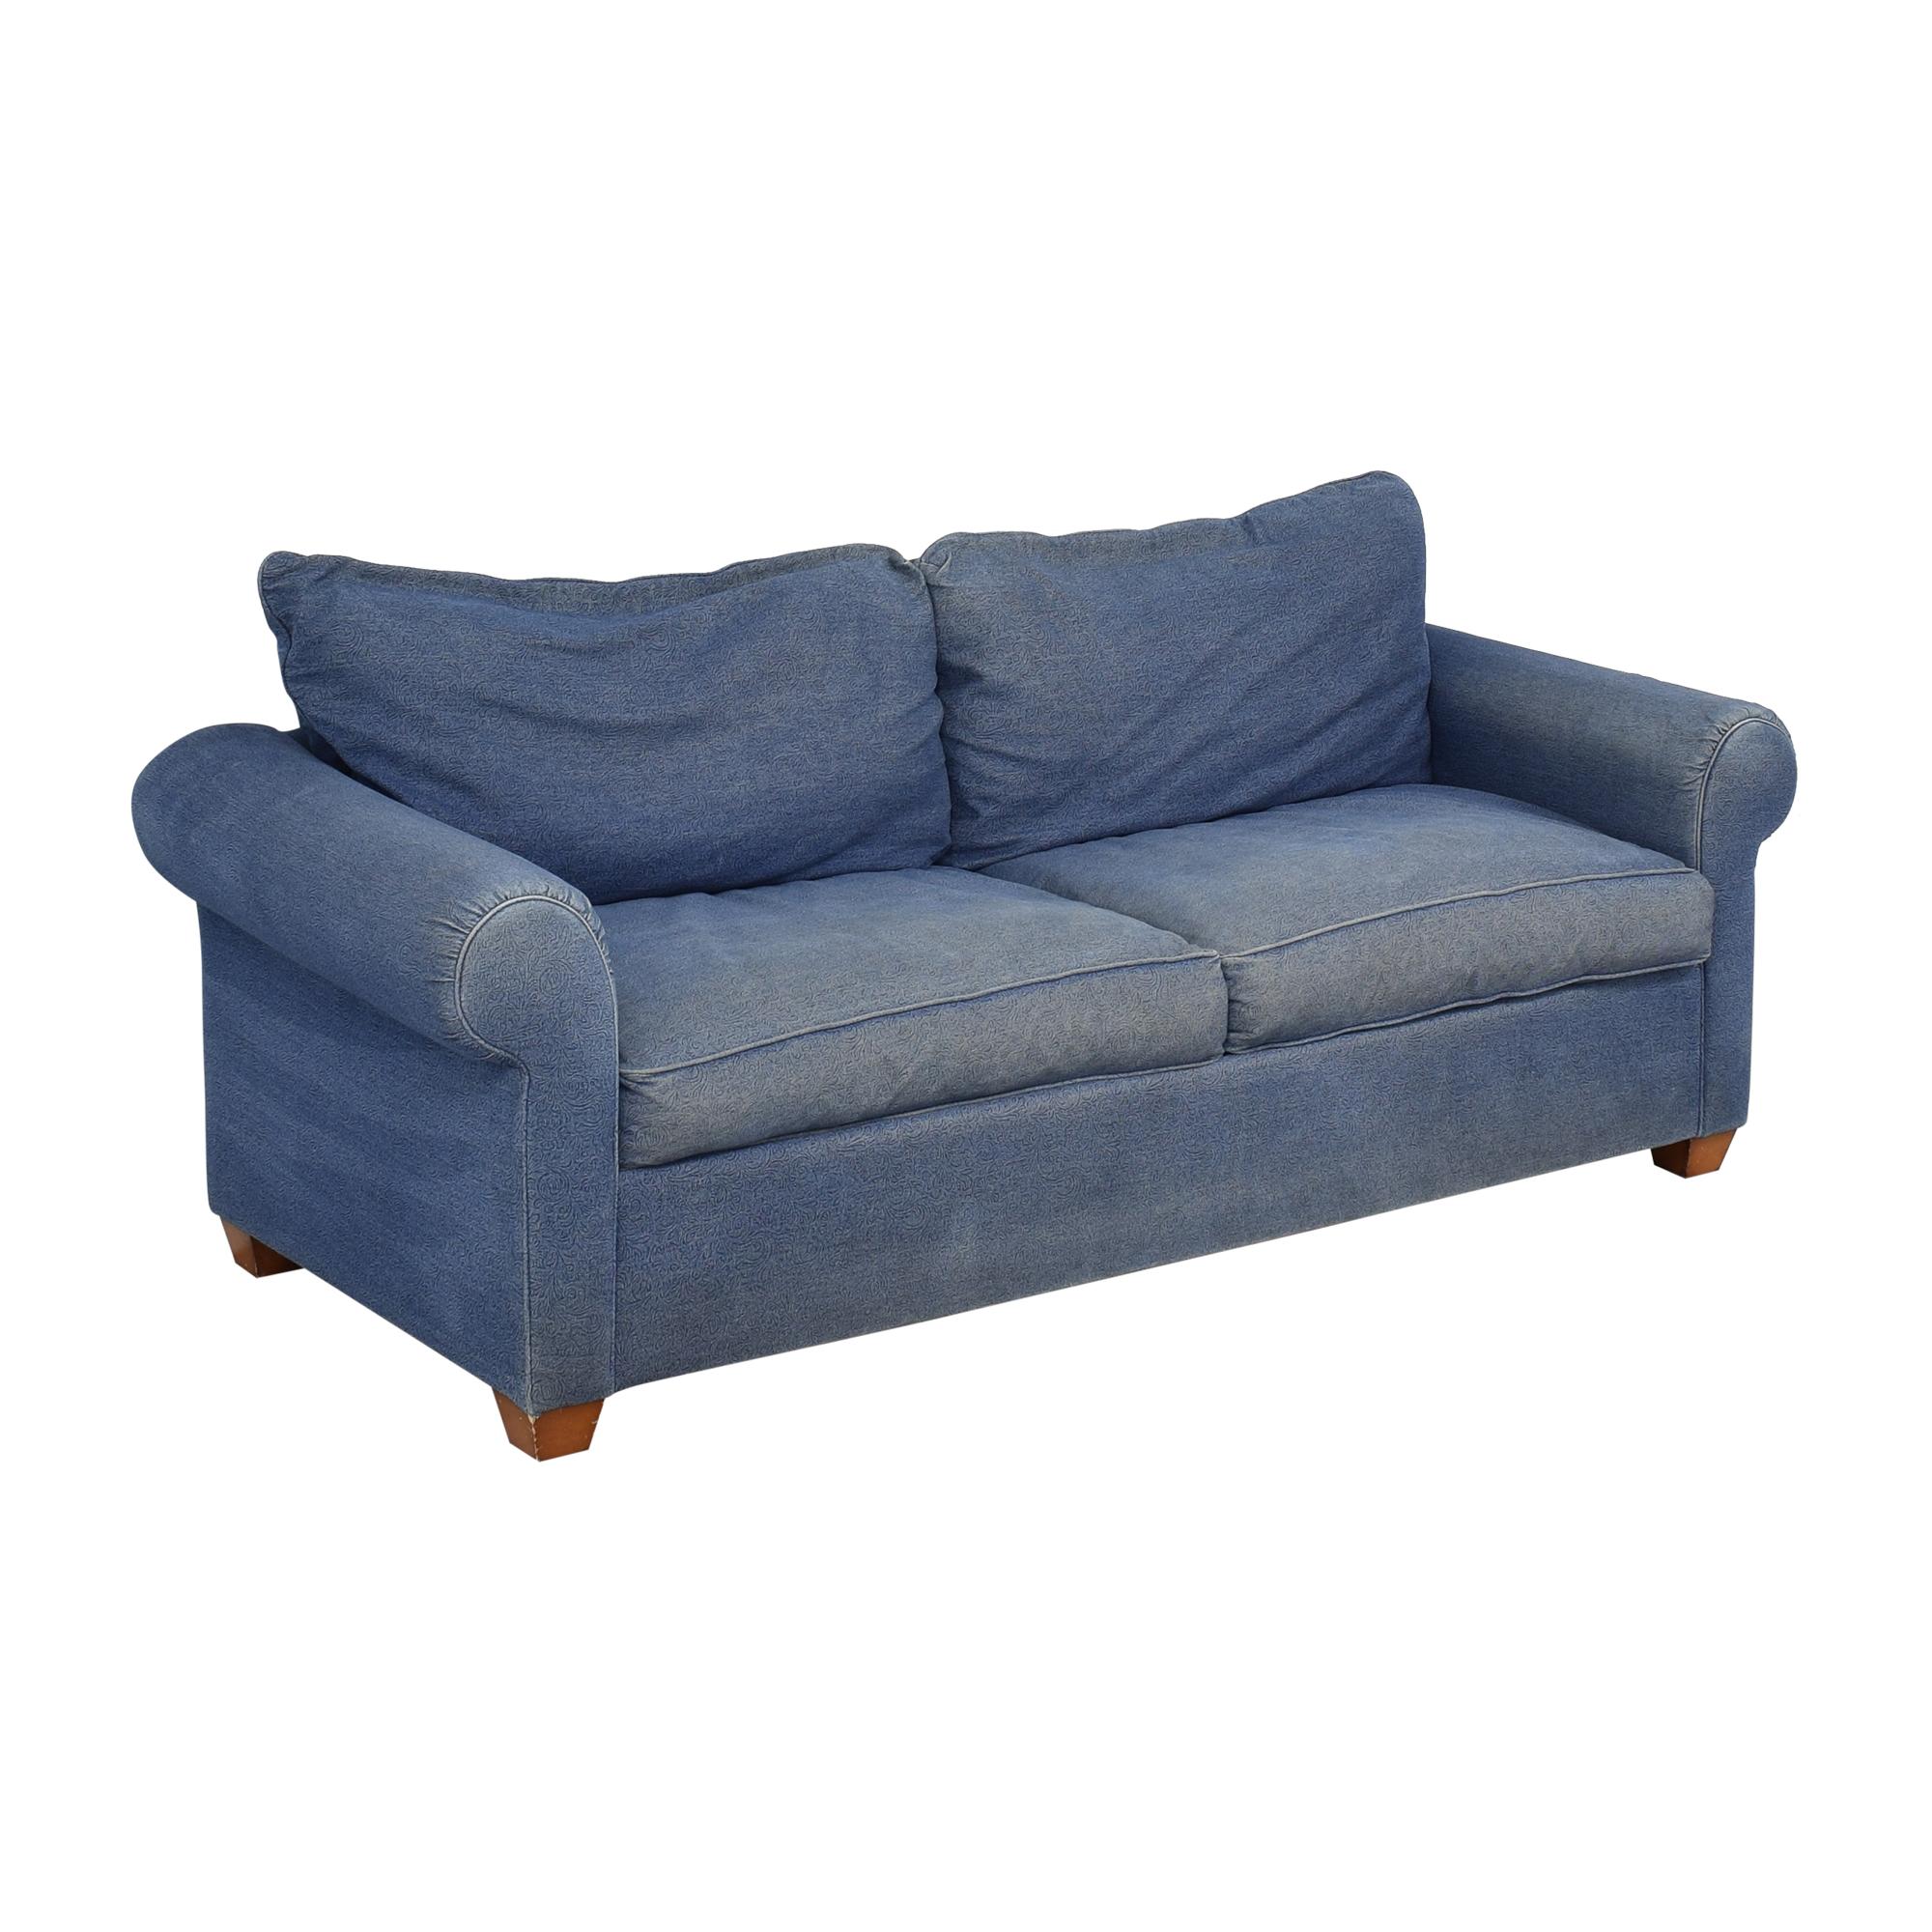 Leggett & Platt Leggett & Platt Denim Queen Pull Out Sofa coupon